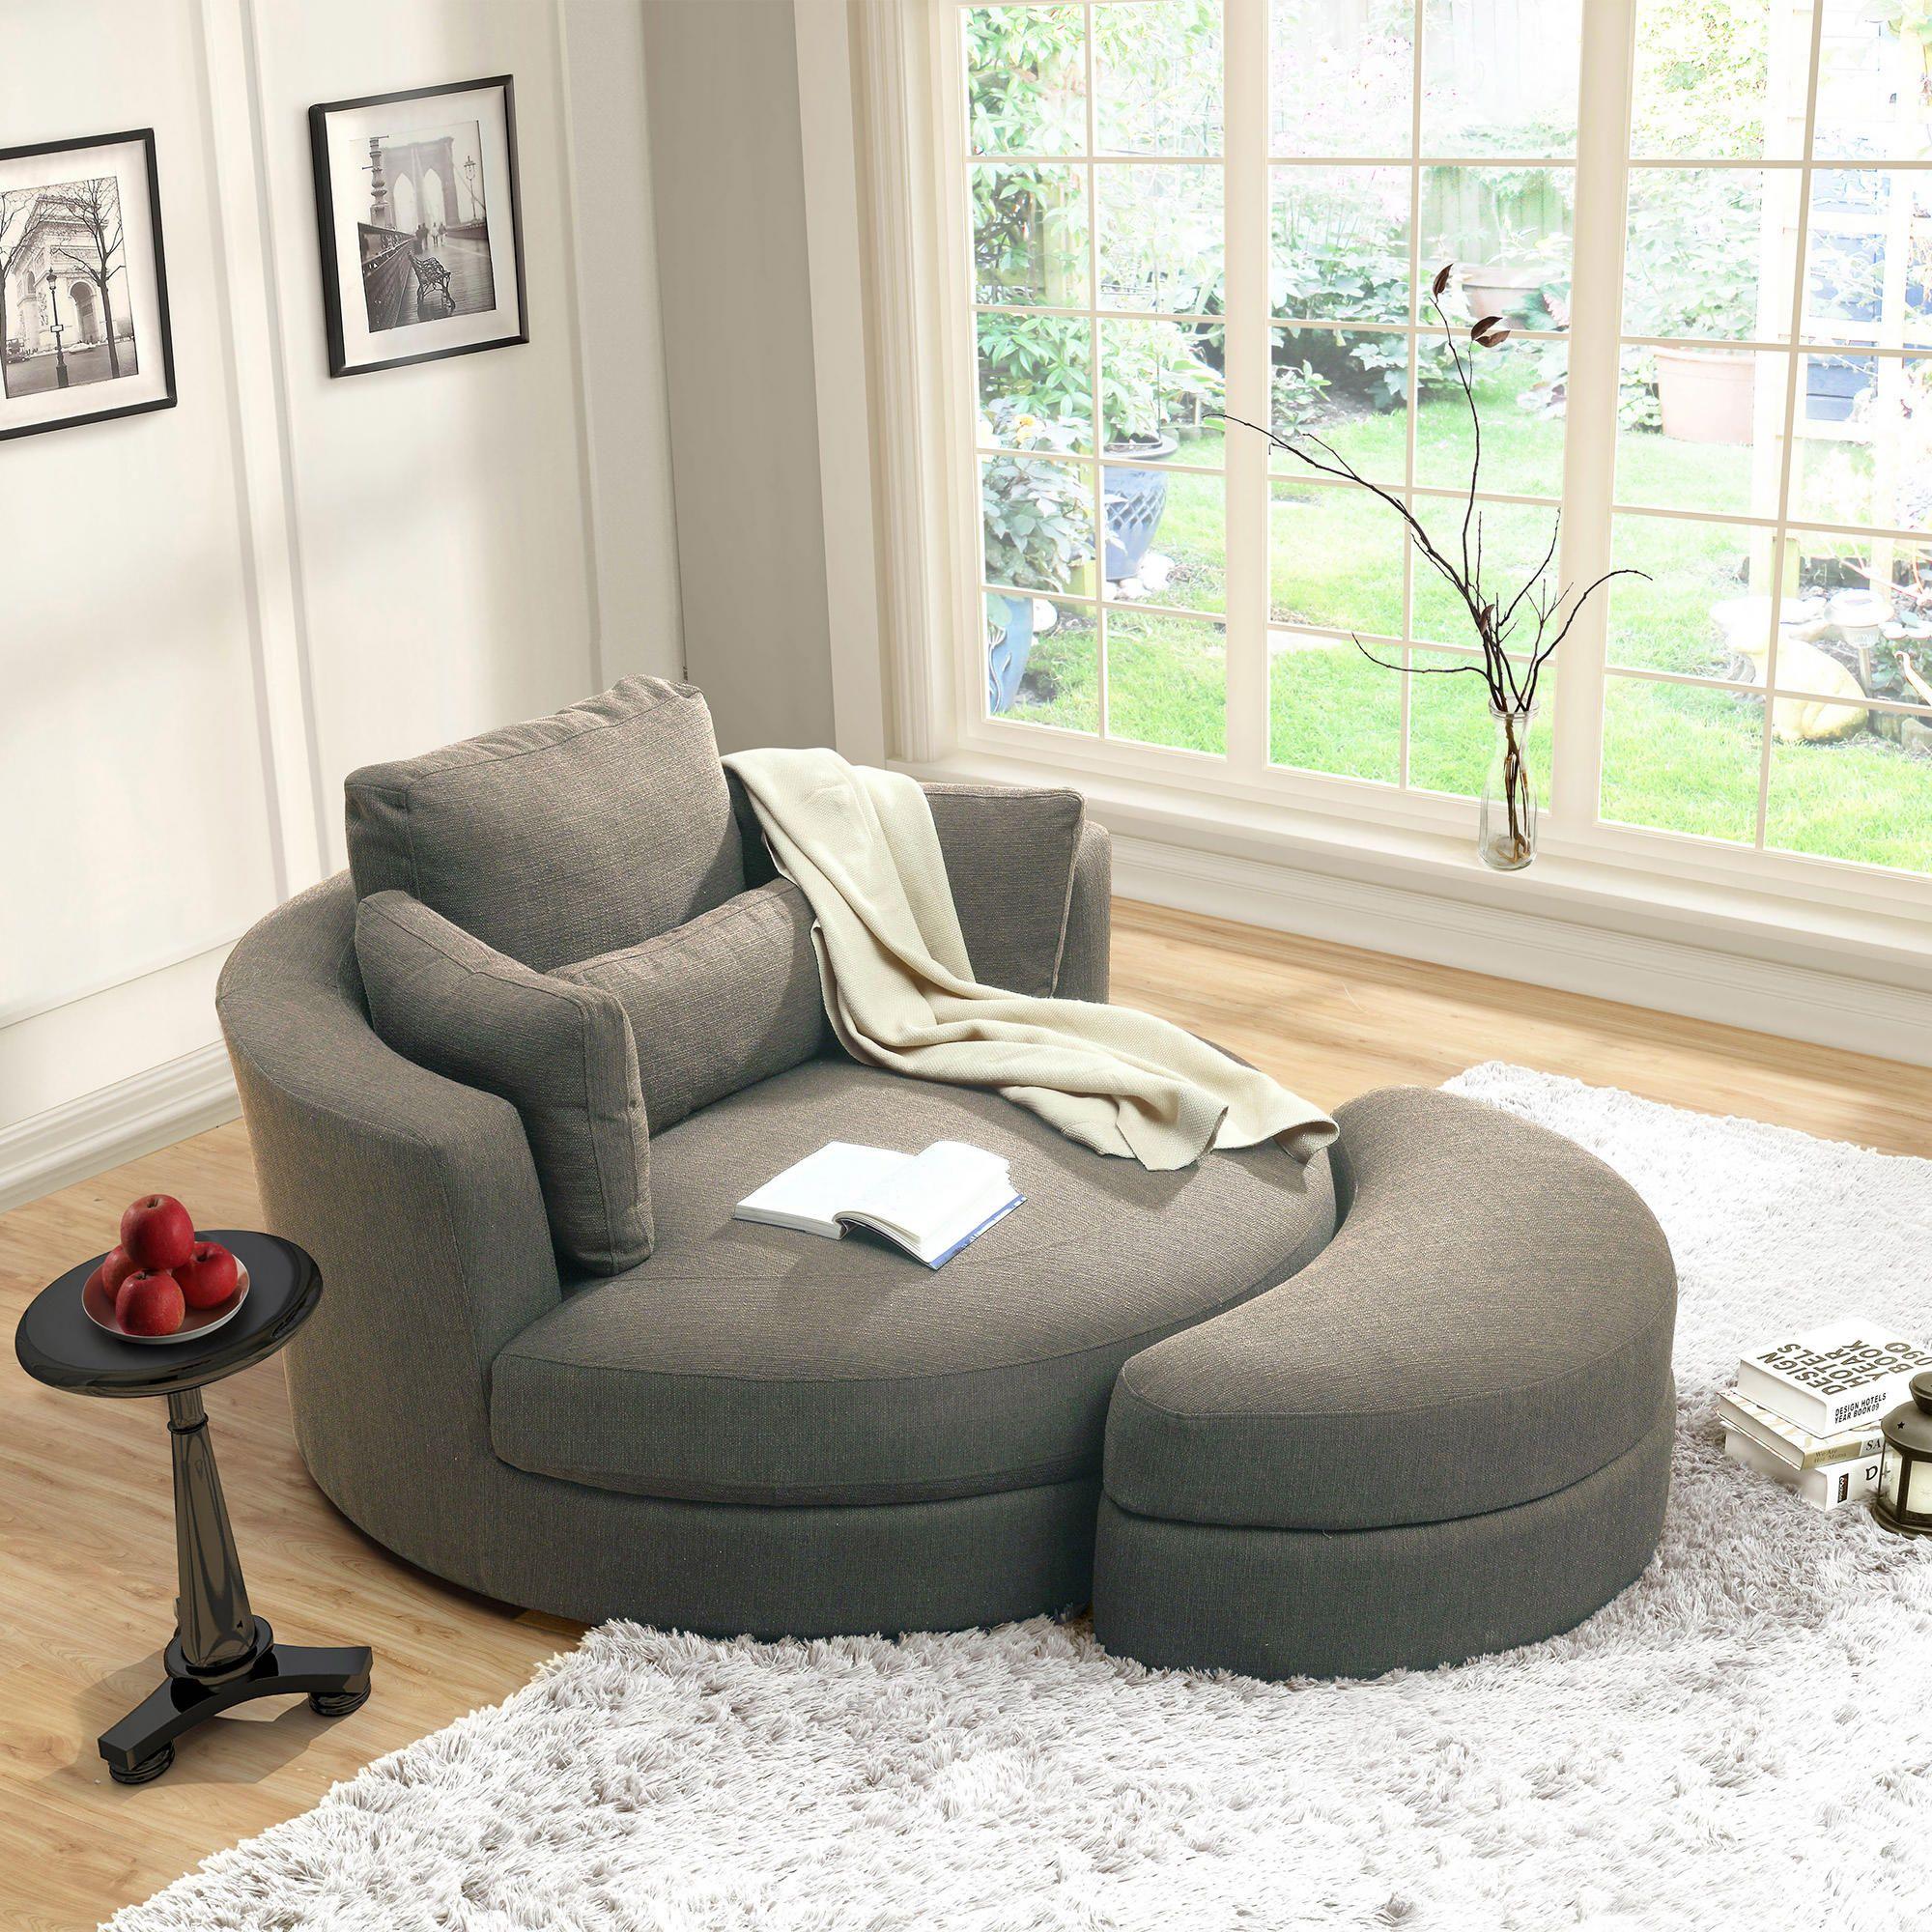 Cuddle Chair And Ottoman | Atcsagacity.com